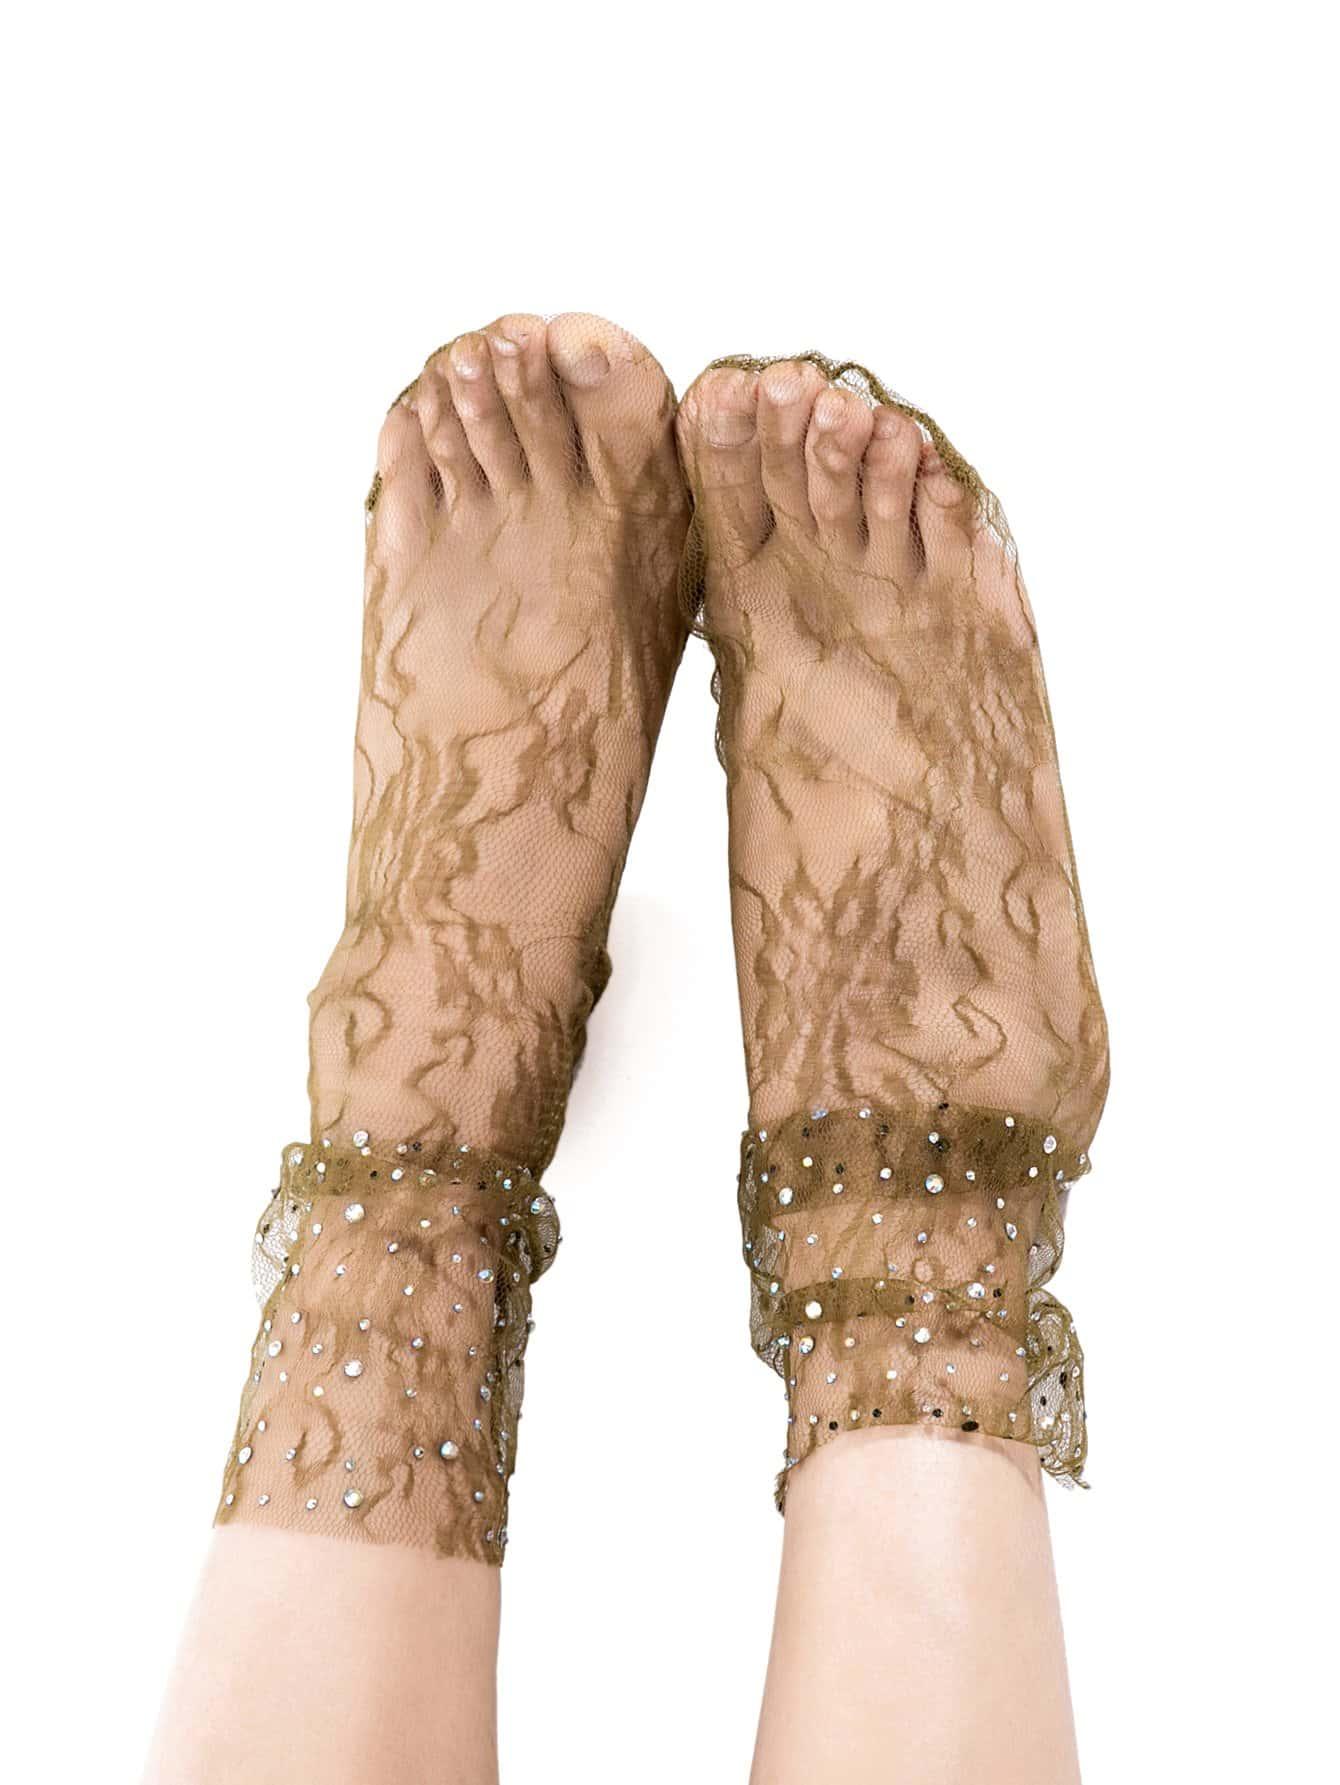 Socken mit Strass Dekor und Spitzen 1Paar